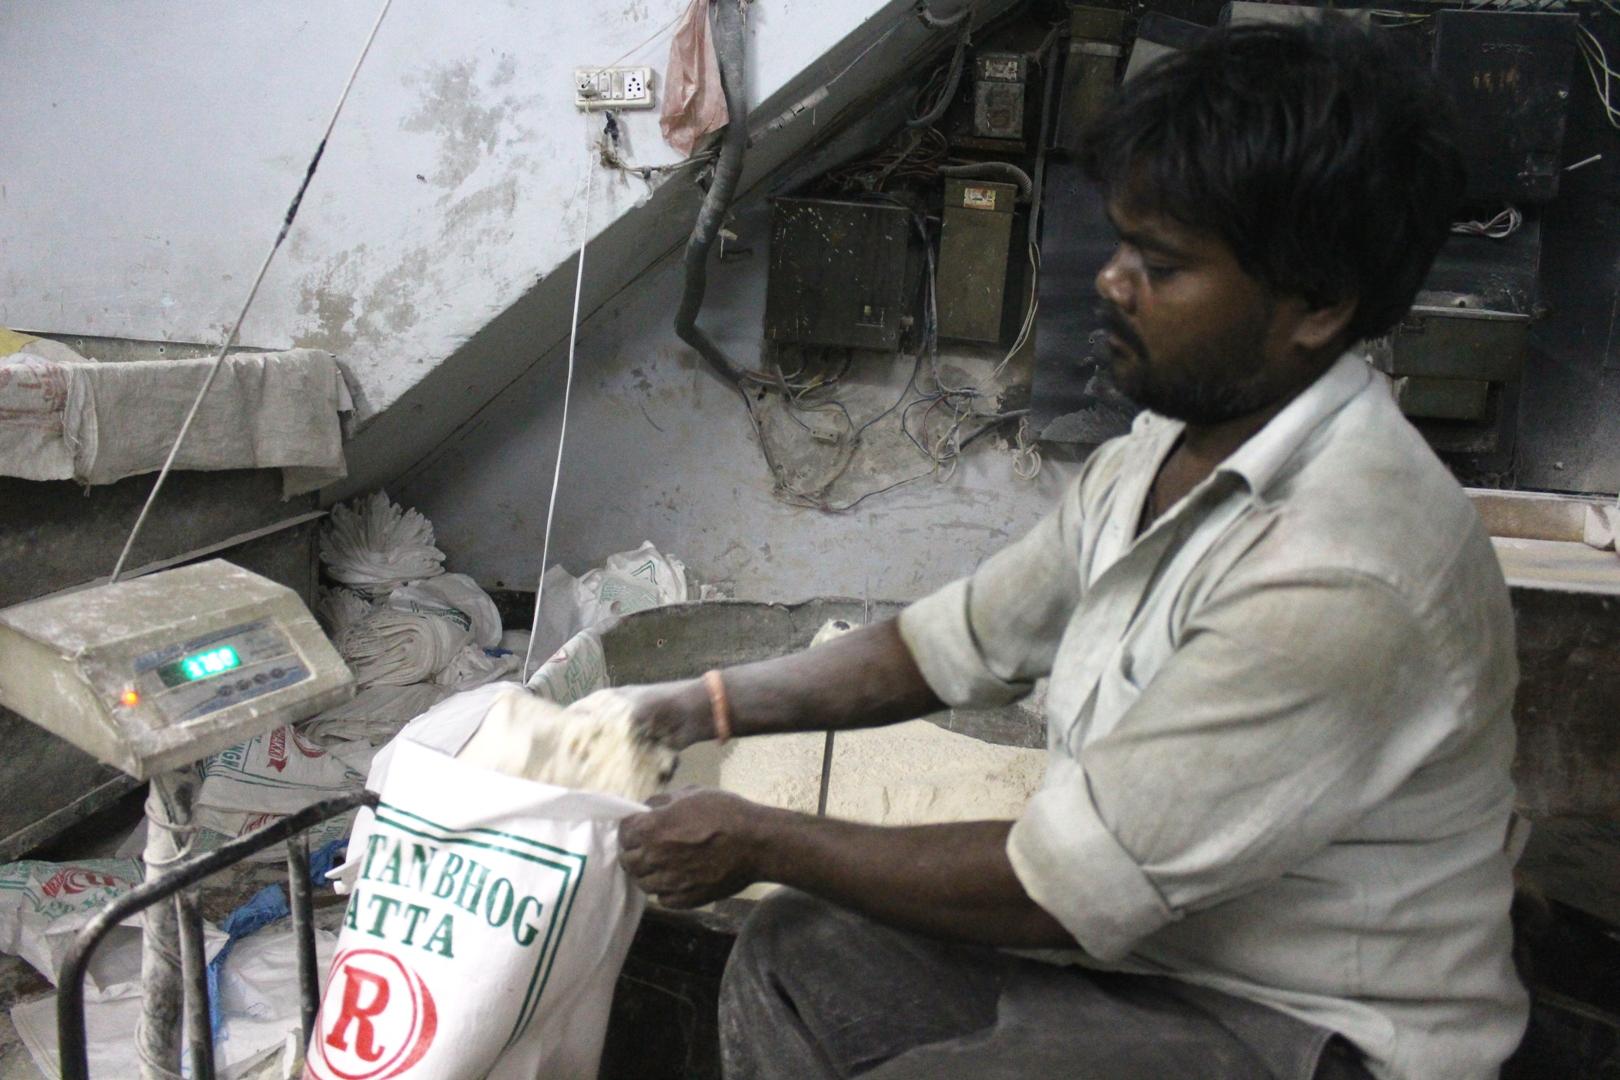 Mill worker packs bags of flour, Ludhiana, 23 September 2016